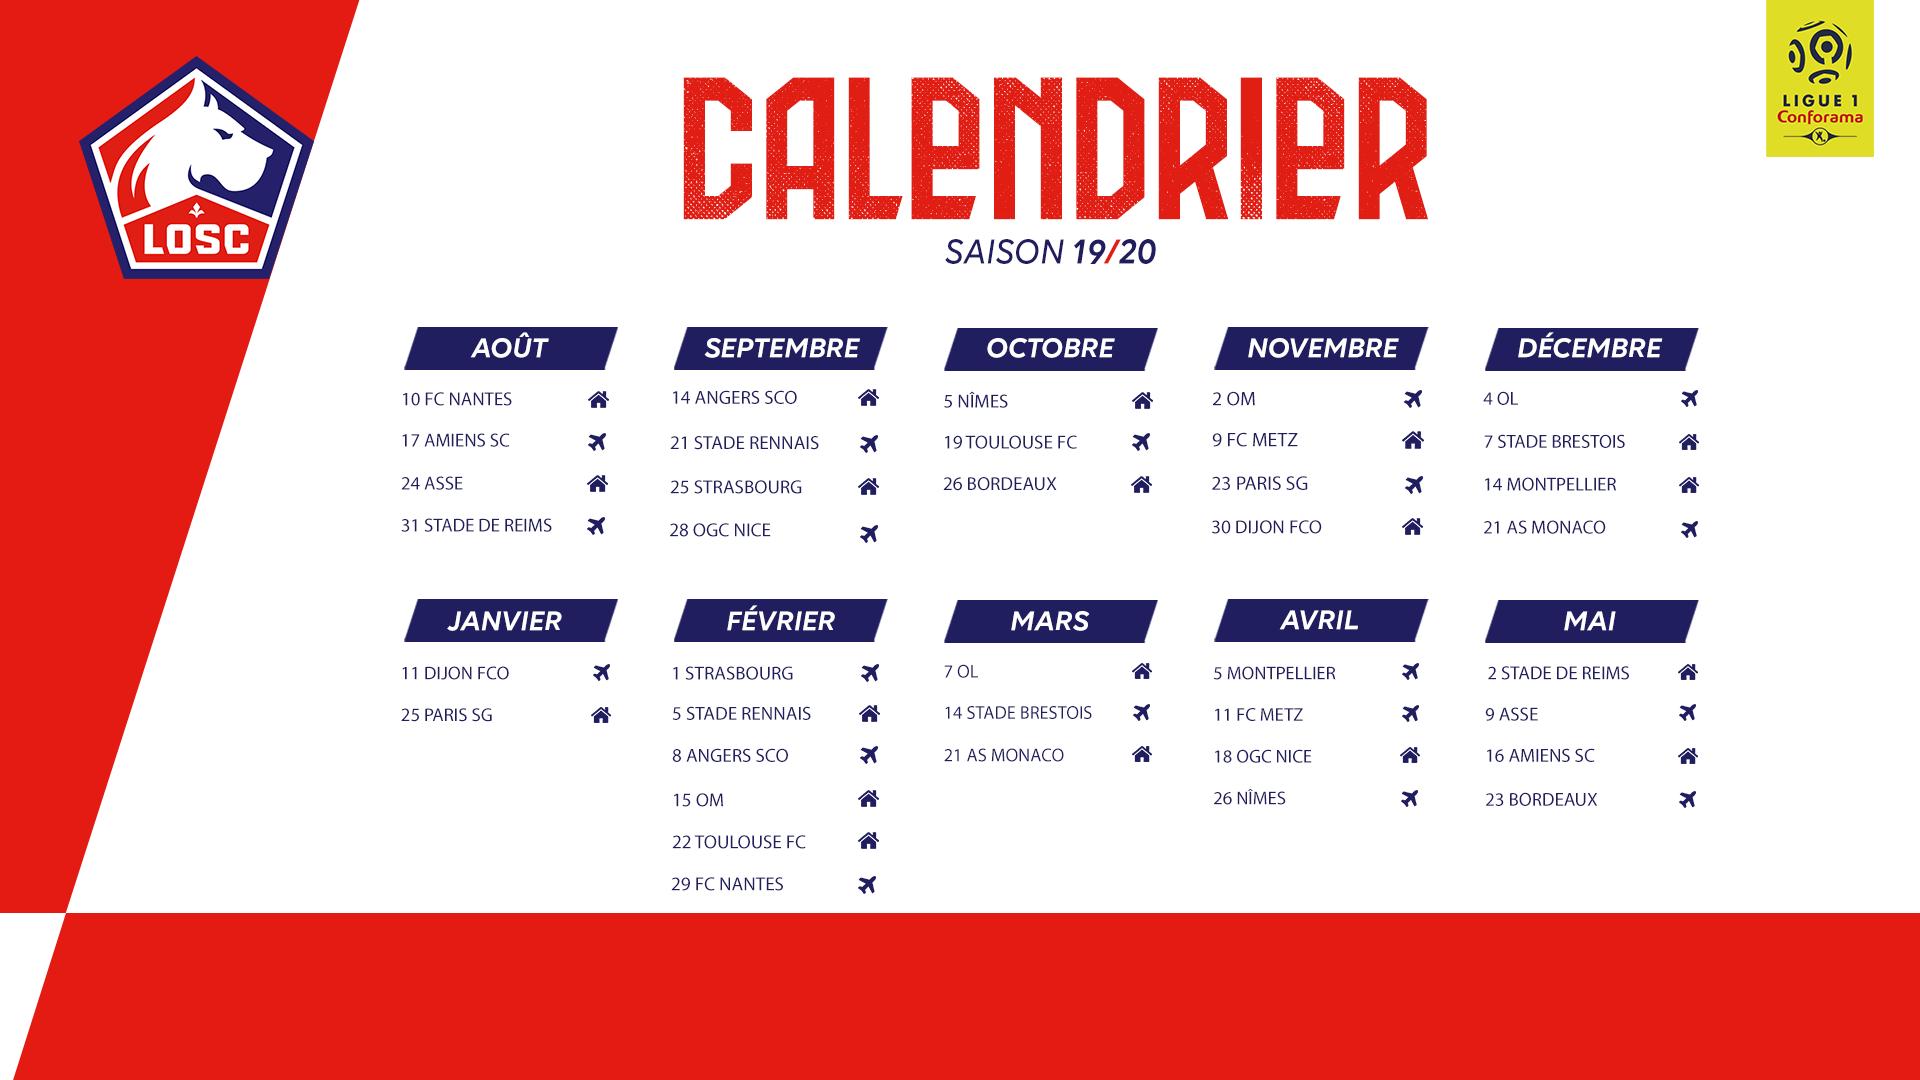 Le Calendrier 2019 20 Dévoilé !   Lille Losc Regarding Rcf Dates La Superior Court 2020